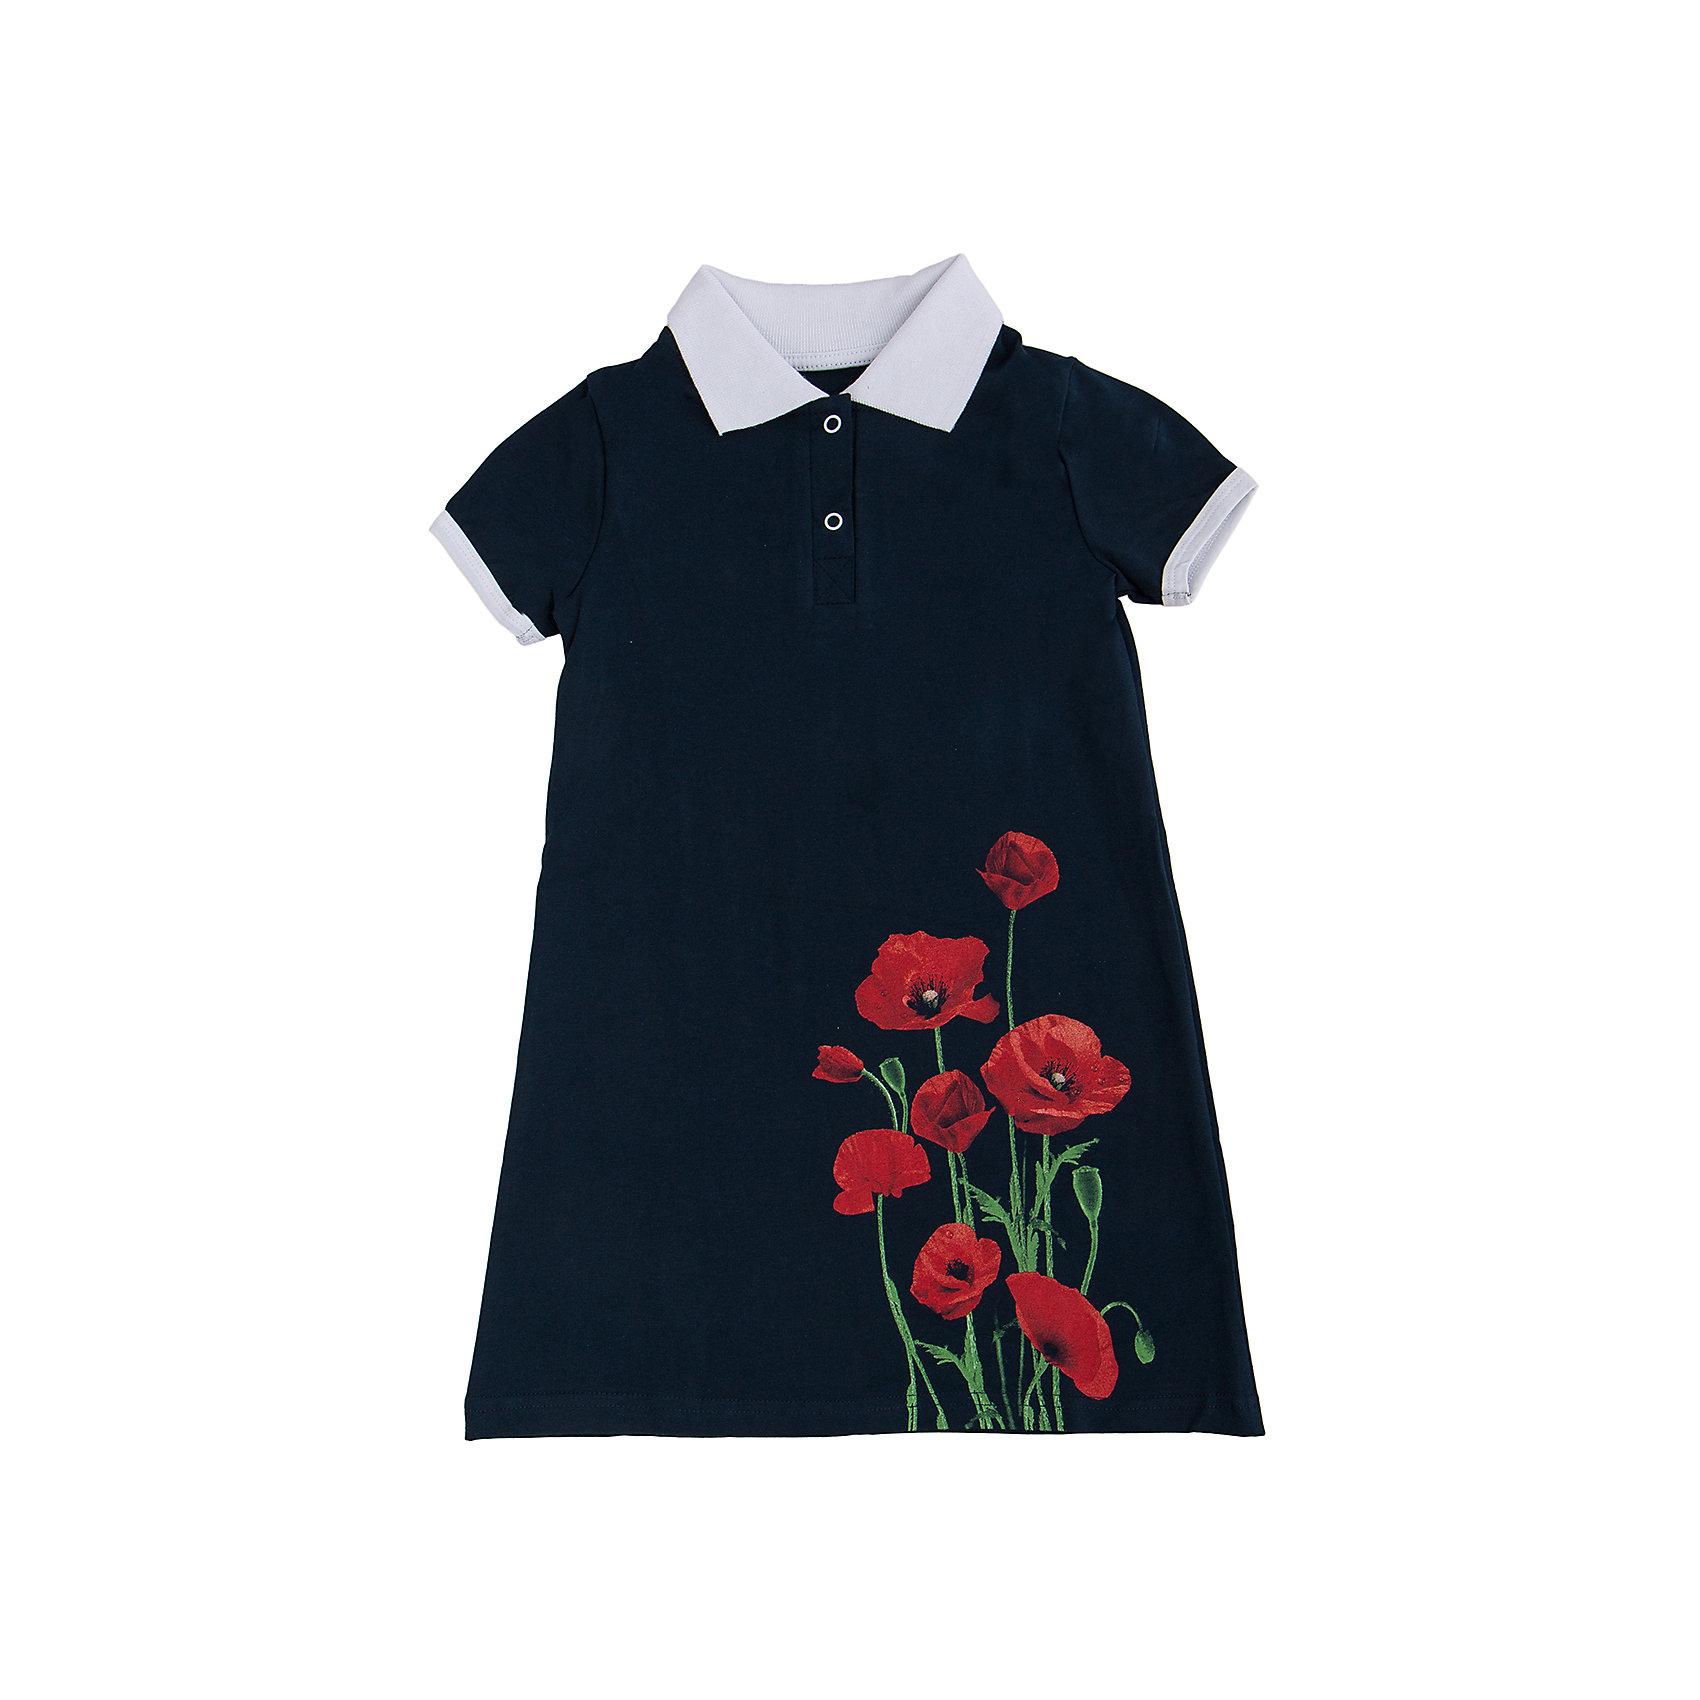 Платье АпрельПлатья и сарафаны<br>Стильное летнее платье, выполненное из тонкого хлопкового полотна. Приятное на ощупь, не сковывает движения, обеспечивая наибольший комфорт. Изделие прямого кроя с короткими рукавами, декорировано эффектным дизайнерским принтом, отложным воротничком контрастного цвета и застежкой поло. Отличный вариант для прогулки и праздника! Рекомендуется машинная стирка при температуре 40 градусов без предварительного замачивания.<br><br>Дополнительная информация: <br><br>- длина рукава: короткие<br>- вид застежки: кнопки<br>- вид бретелек: без бретелек<br>- длина изделия: по спинке: 52 см<br>- фактура материала: трикотажный<br>- длина юбки: мини<br>- тип карманов: без карманов<br>- по назначению: повседневный стиль<br>- сезон: лето<br>- пол: девочки<br>- фирма-производитель: апрель<br>- страна производитель: россия<br>- комплектация: платье<br>- цвет: темно-синий, красный, белый<br>- состав: хлопок 92%,лайкра 8%<br>- коллекция Маки<br><br>Платье коллекция Маки от торговой марки Апрель можно купить в нашем интернет-магазине.<br><br>Ширина мм: 236<br>Глубина мм: 16<br>Высота мм: 184<br>Вес г: 177<br>Цвет: полуночно-синий<br>Возраст от месяцев: 48<br>Возраст до месяцев: 60<br>Пол: Женский<br>Возраст: Детский<br>Размер: 110,134,128,122,116,140,146<br>SKU: 4630559